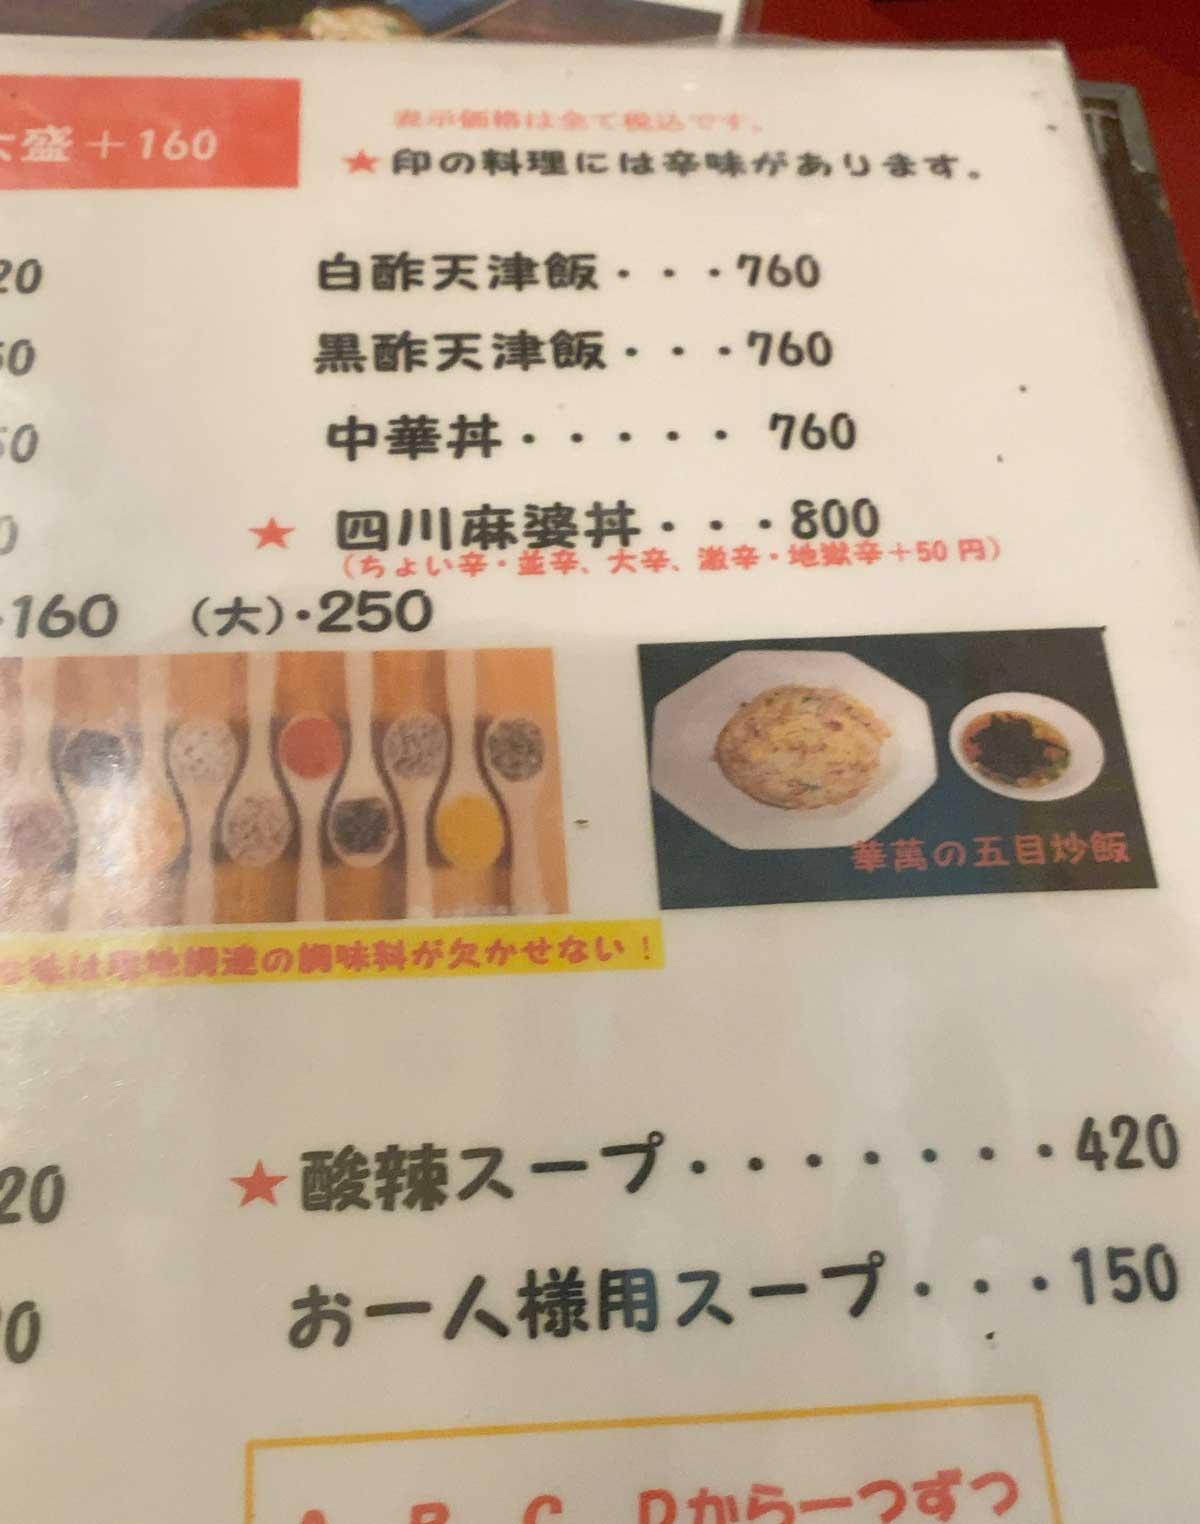 天津飯で「白酢」「黒酢」が選べる